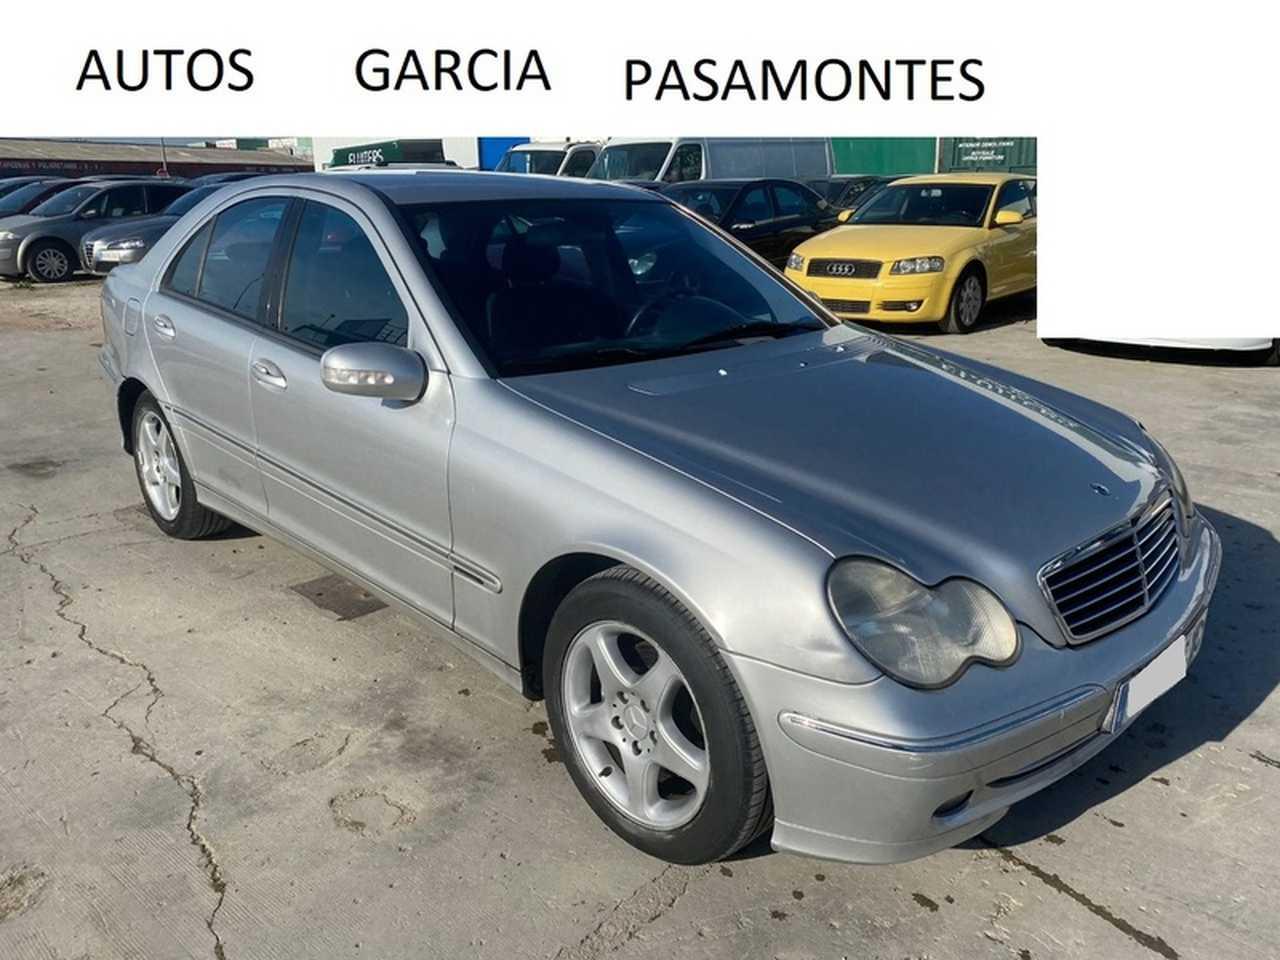 Mercedes Clase C 220 DCI   143 CV  MUY CUIDADO  - Foto 1